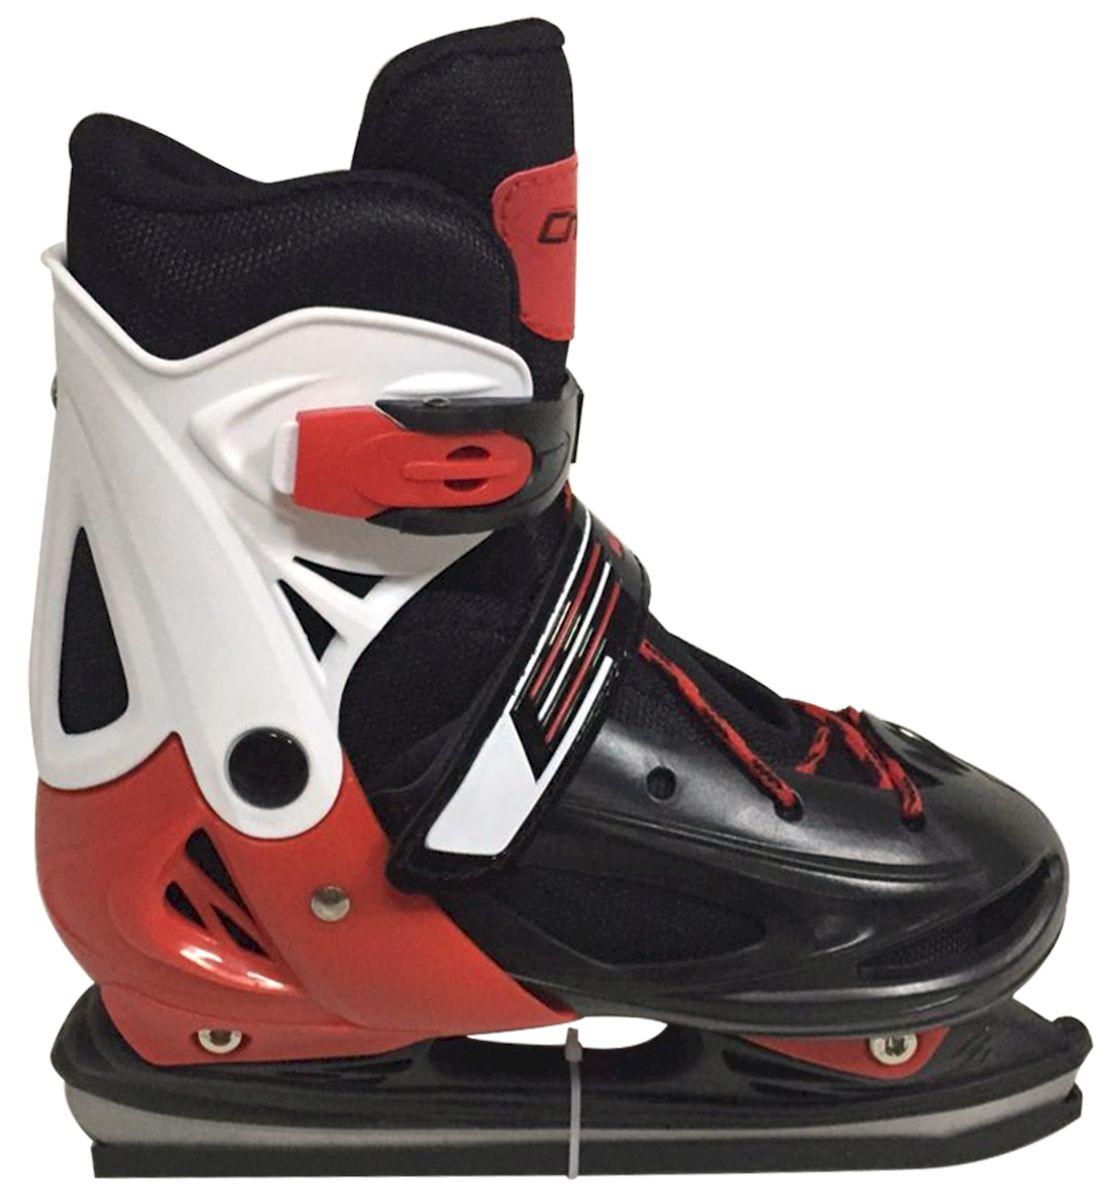 Коньки раздвижные Ice Blade Charlie, цвет: черный, красный, белый. УТ-00009120. Размер M (34/37)